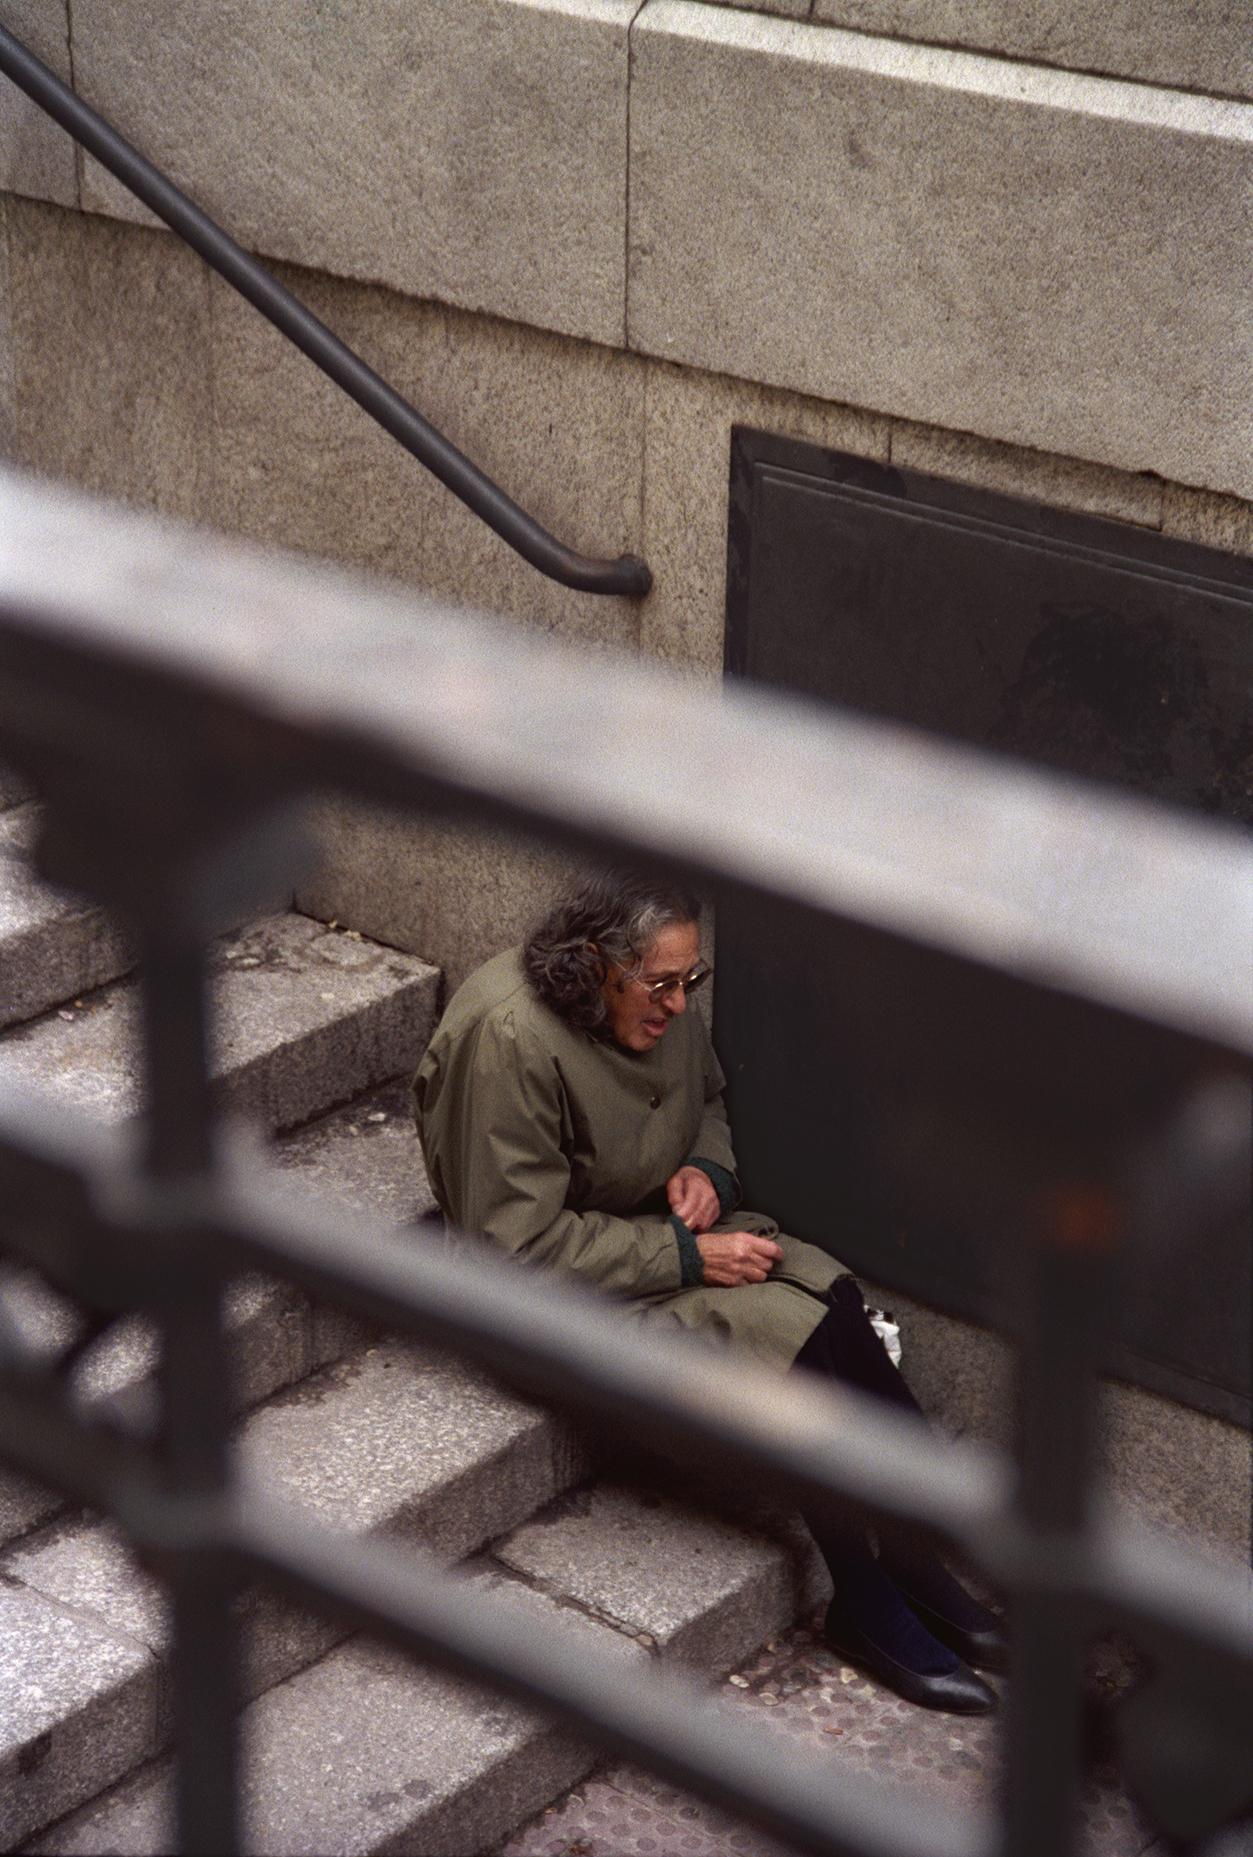 008 - JPG - Pobres Madrid Escaleras - MYNTb peq